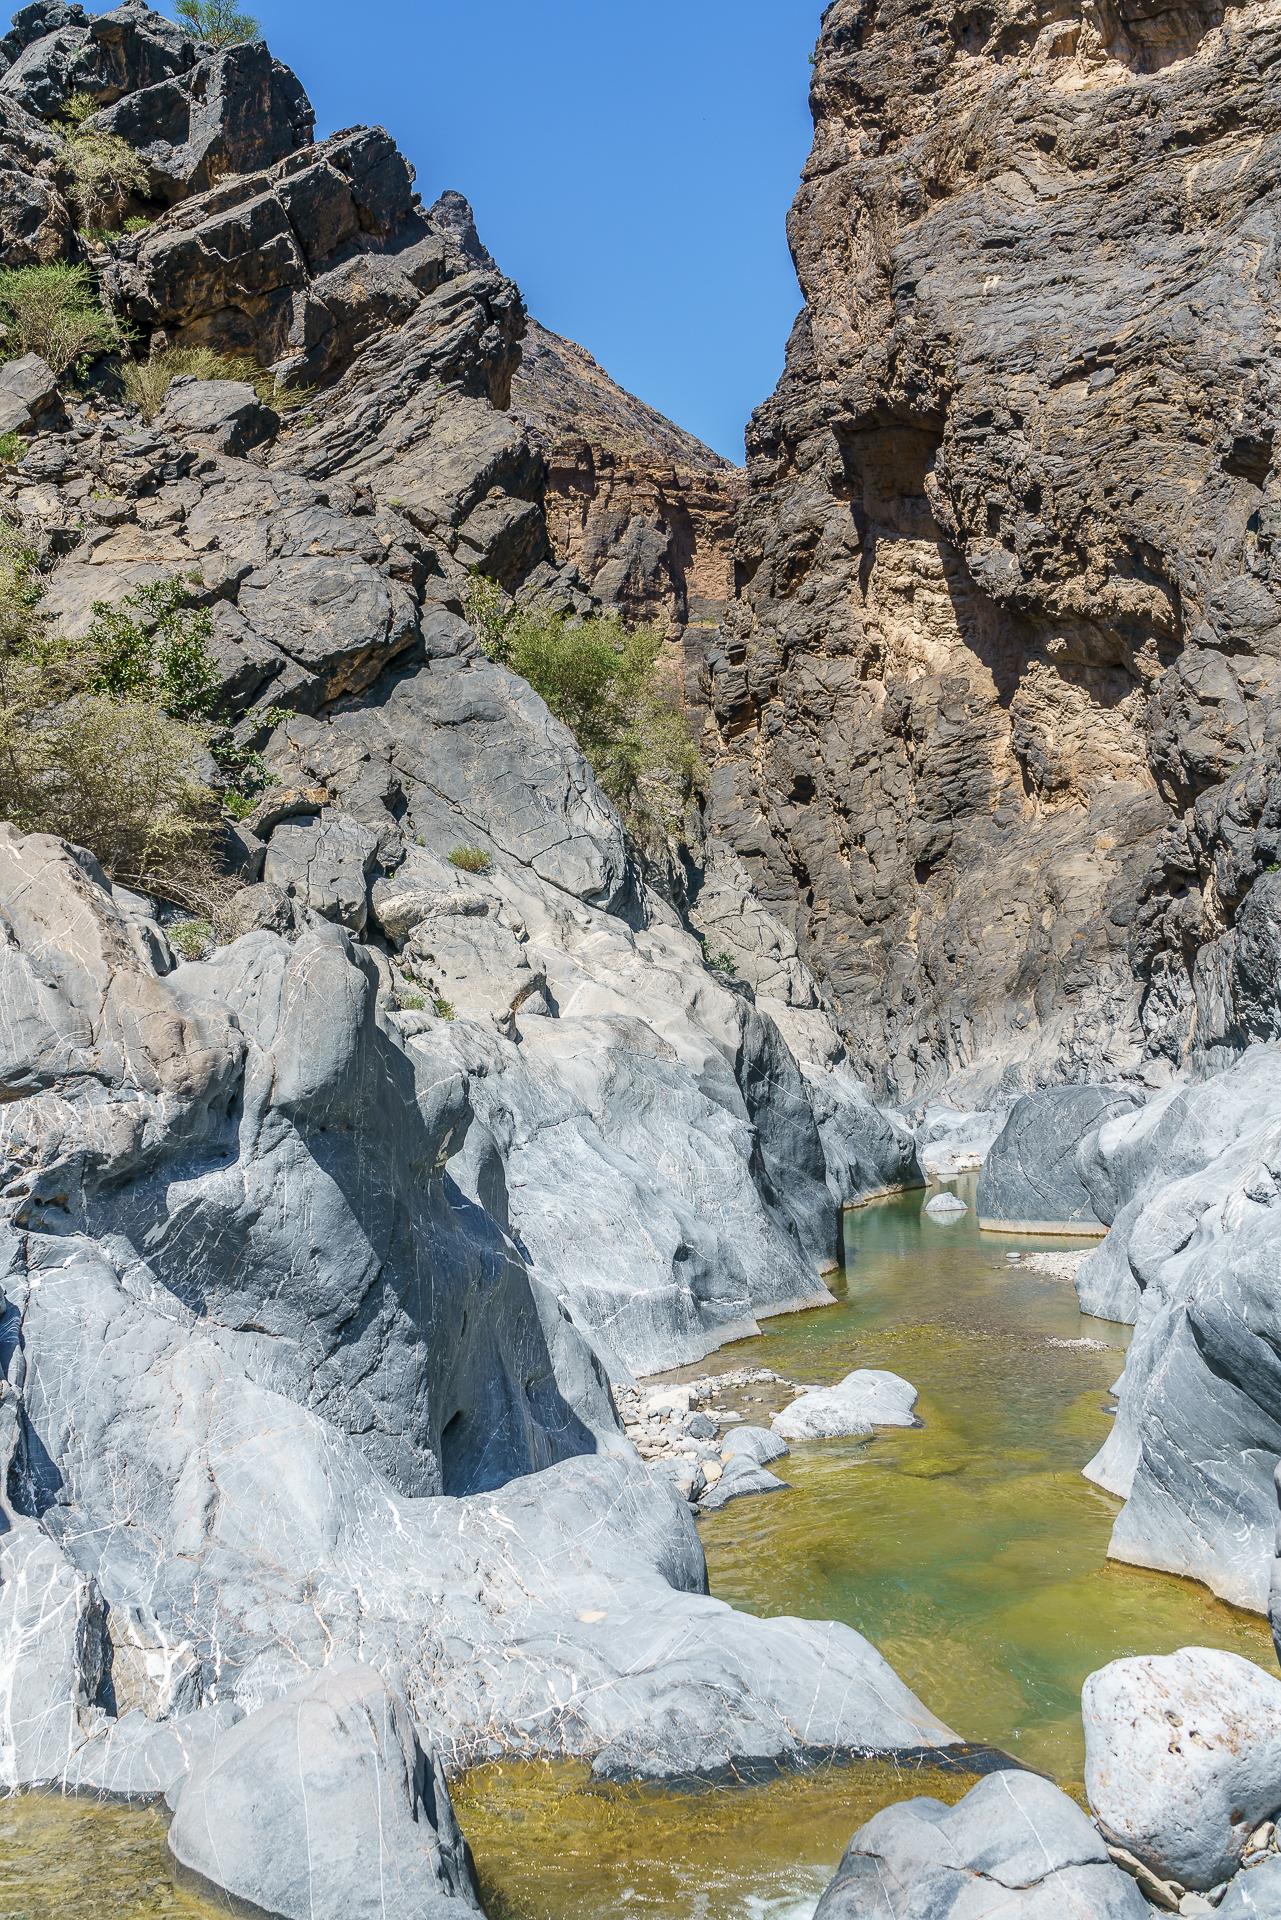 snake-gorge-wadi-bani-awf